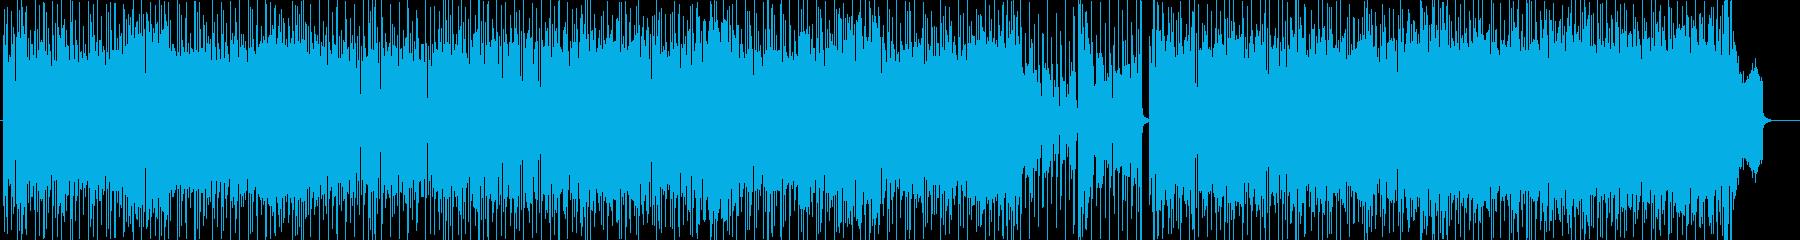 シーケンスの手法が楽しいフュージョンの再生済みの波形